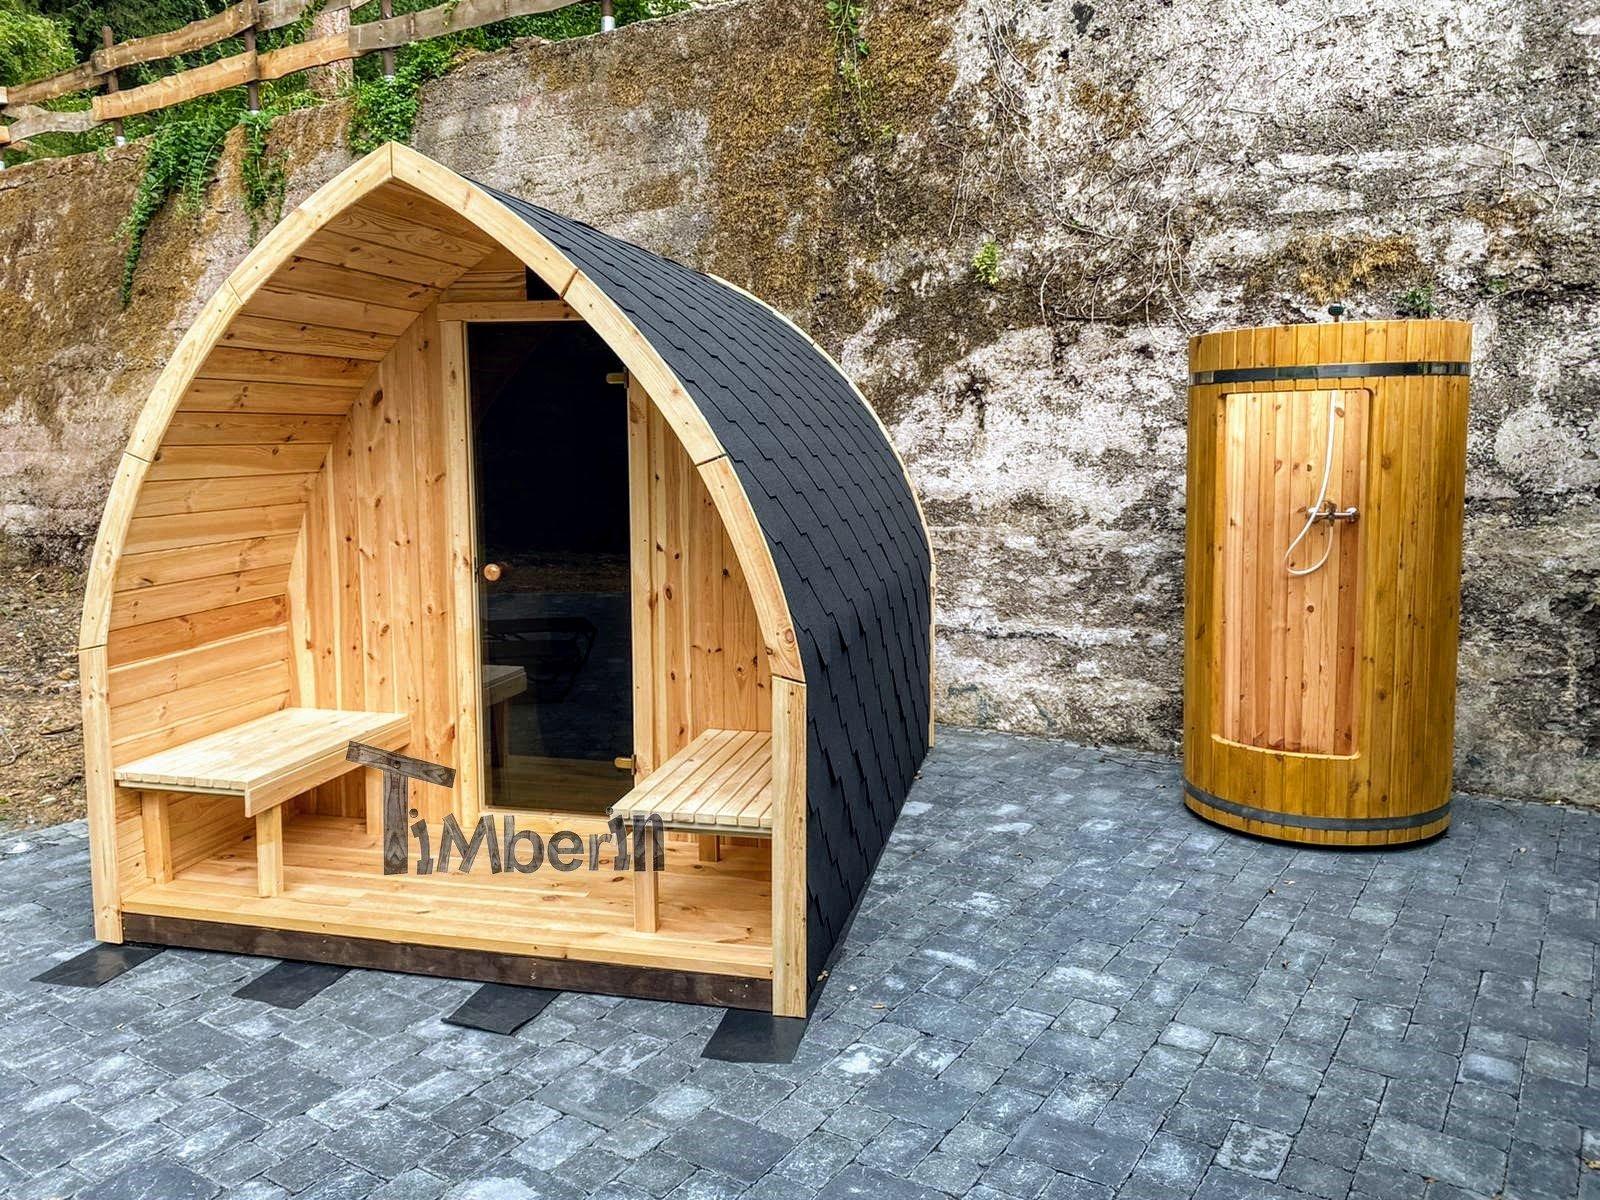 Außensauna Gartensauna Iglu Pod mit Holzofen Elektrisch 3 4